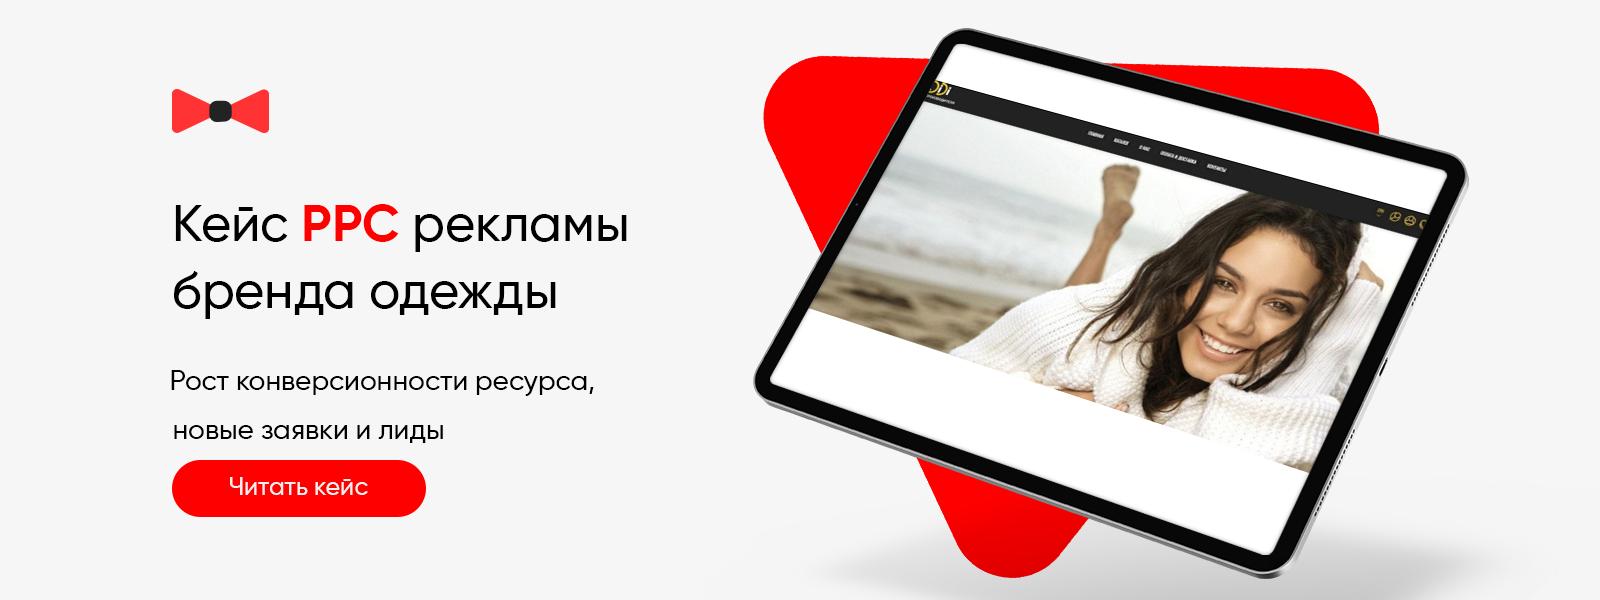 Кейс РРС-рекламы одежды ALDIDI: новые лиды и заявки